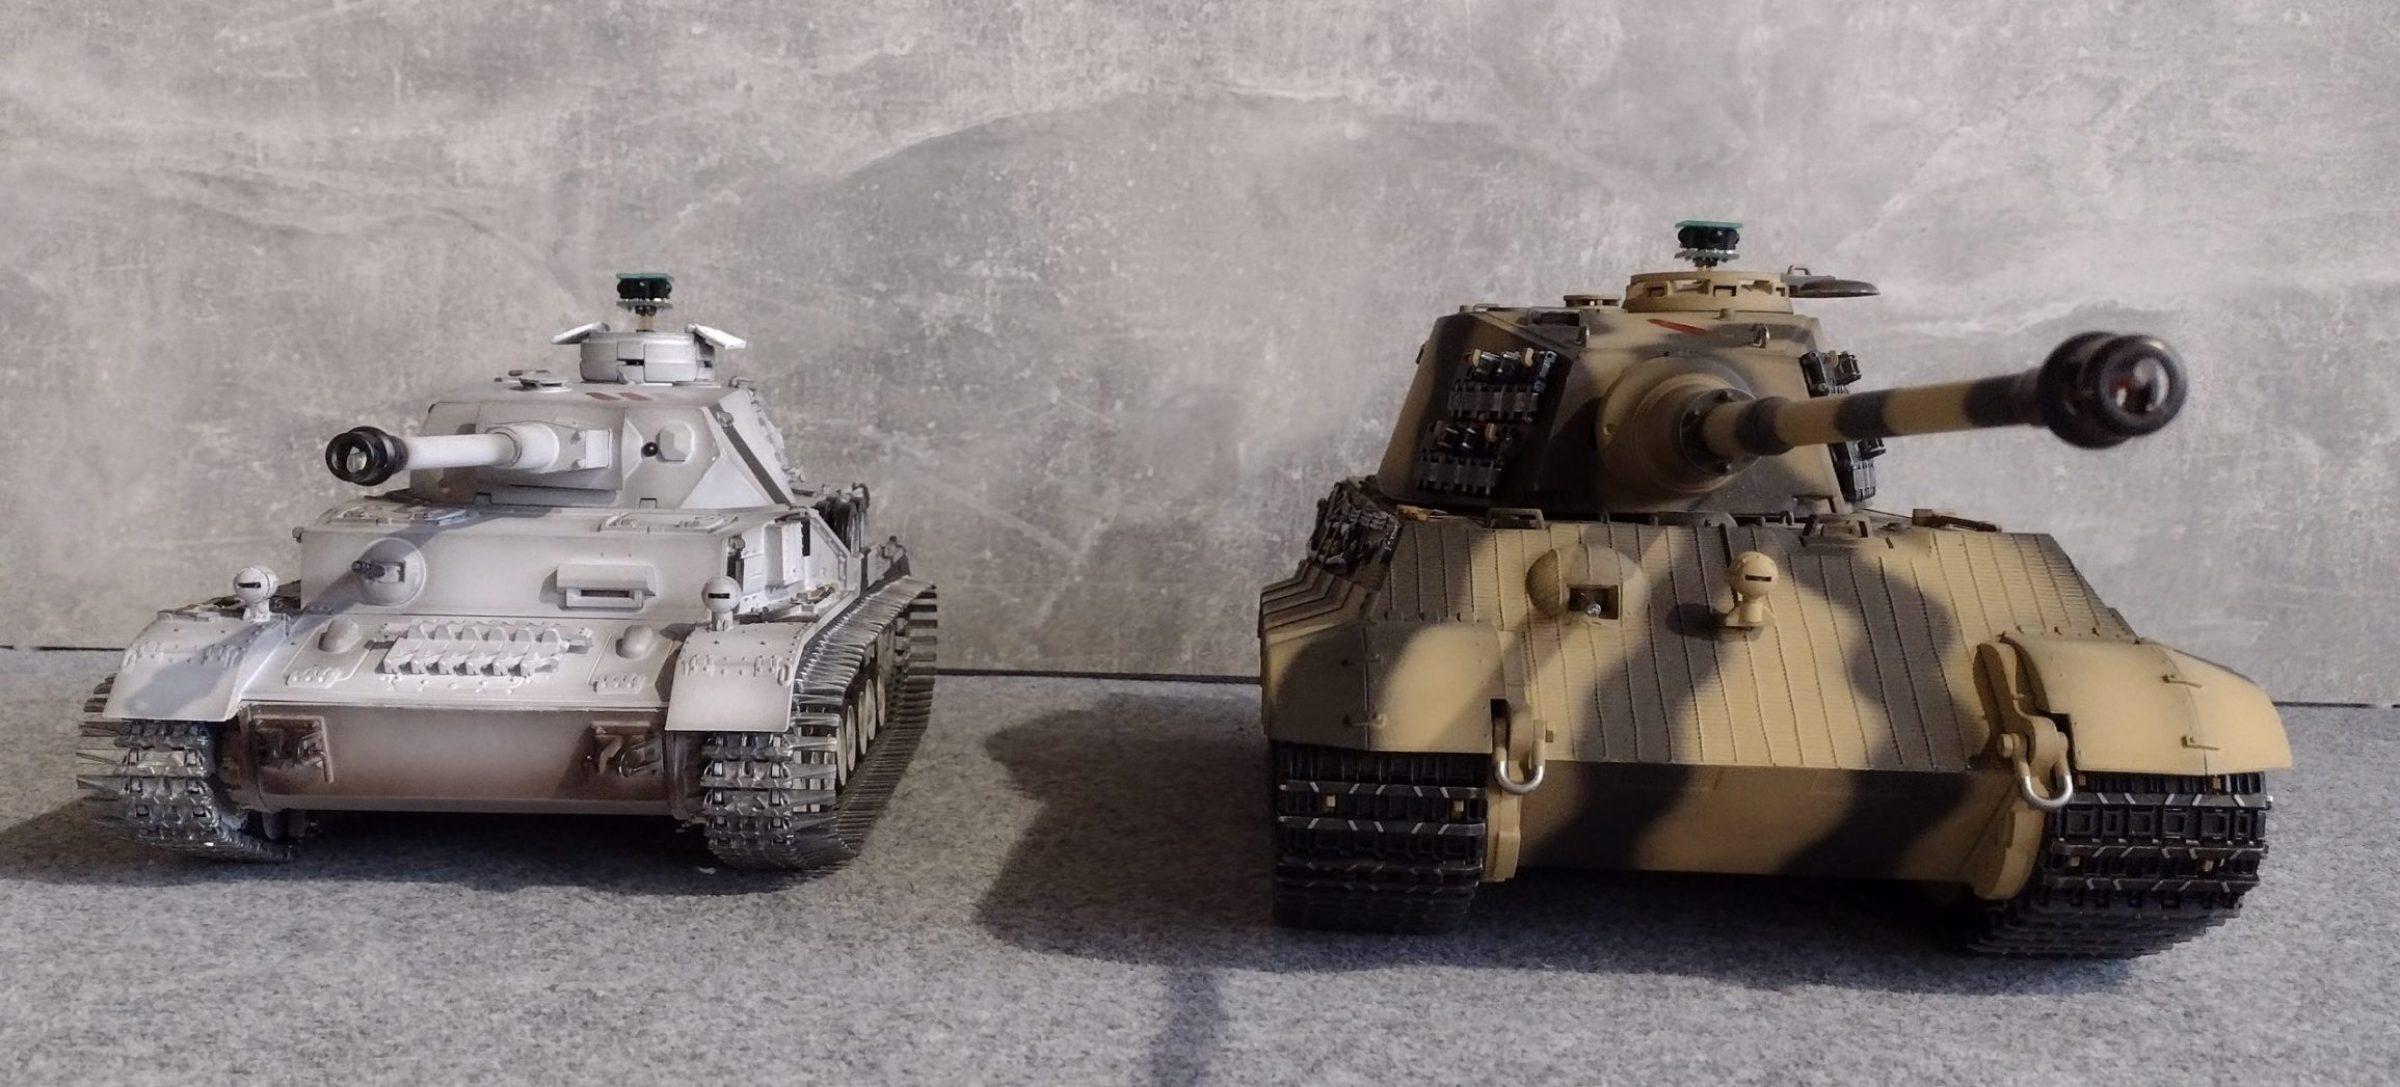 modely-tankov-tankova-arena